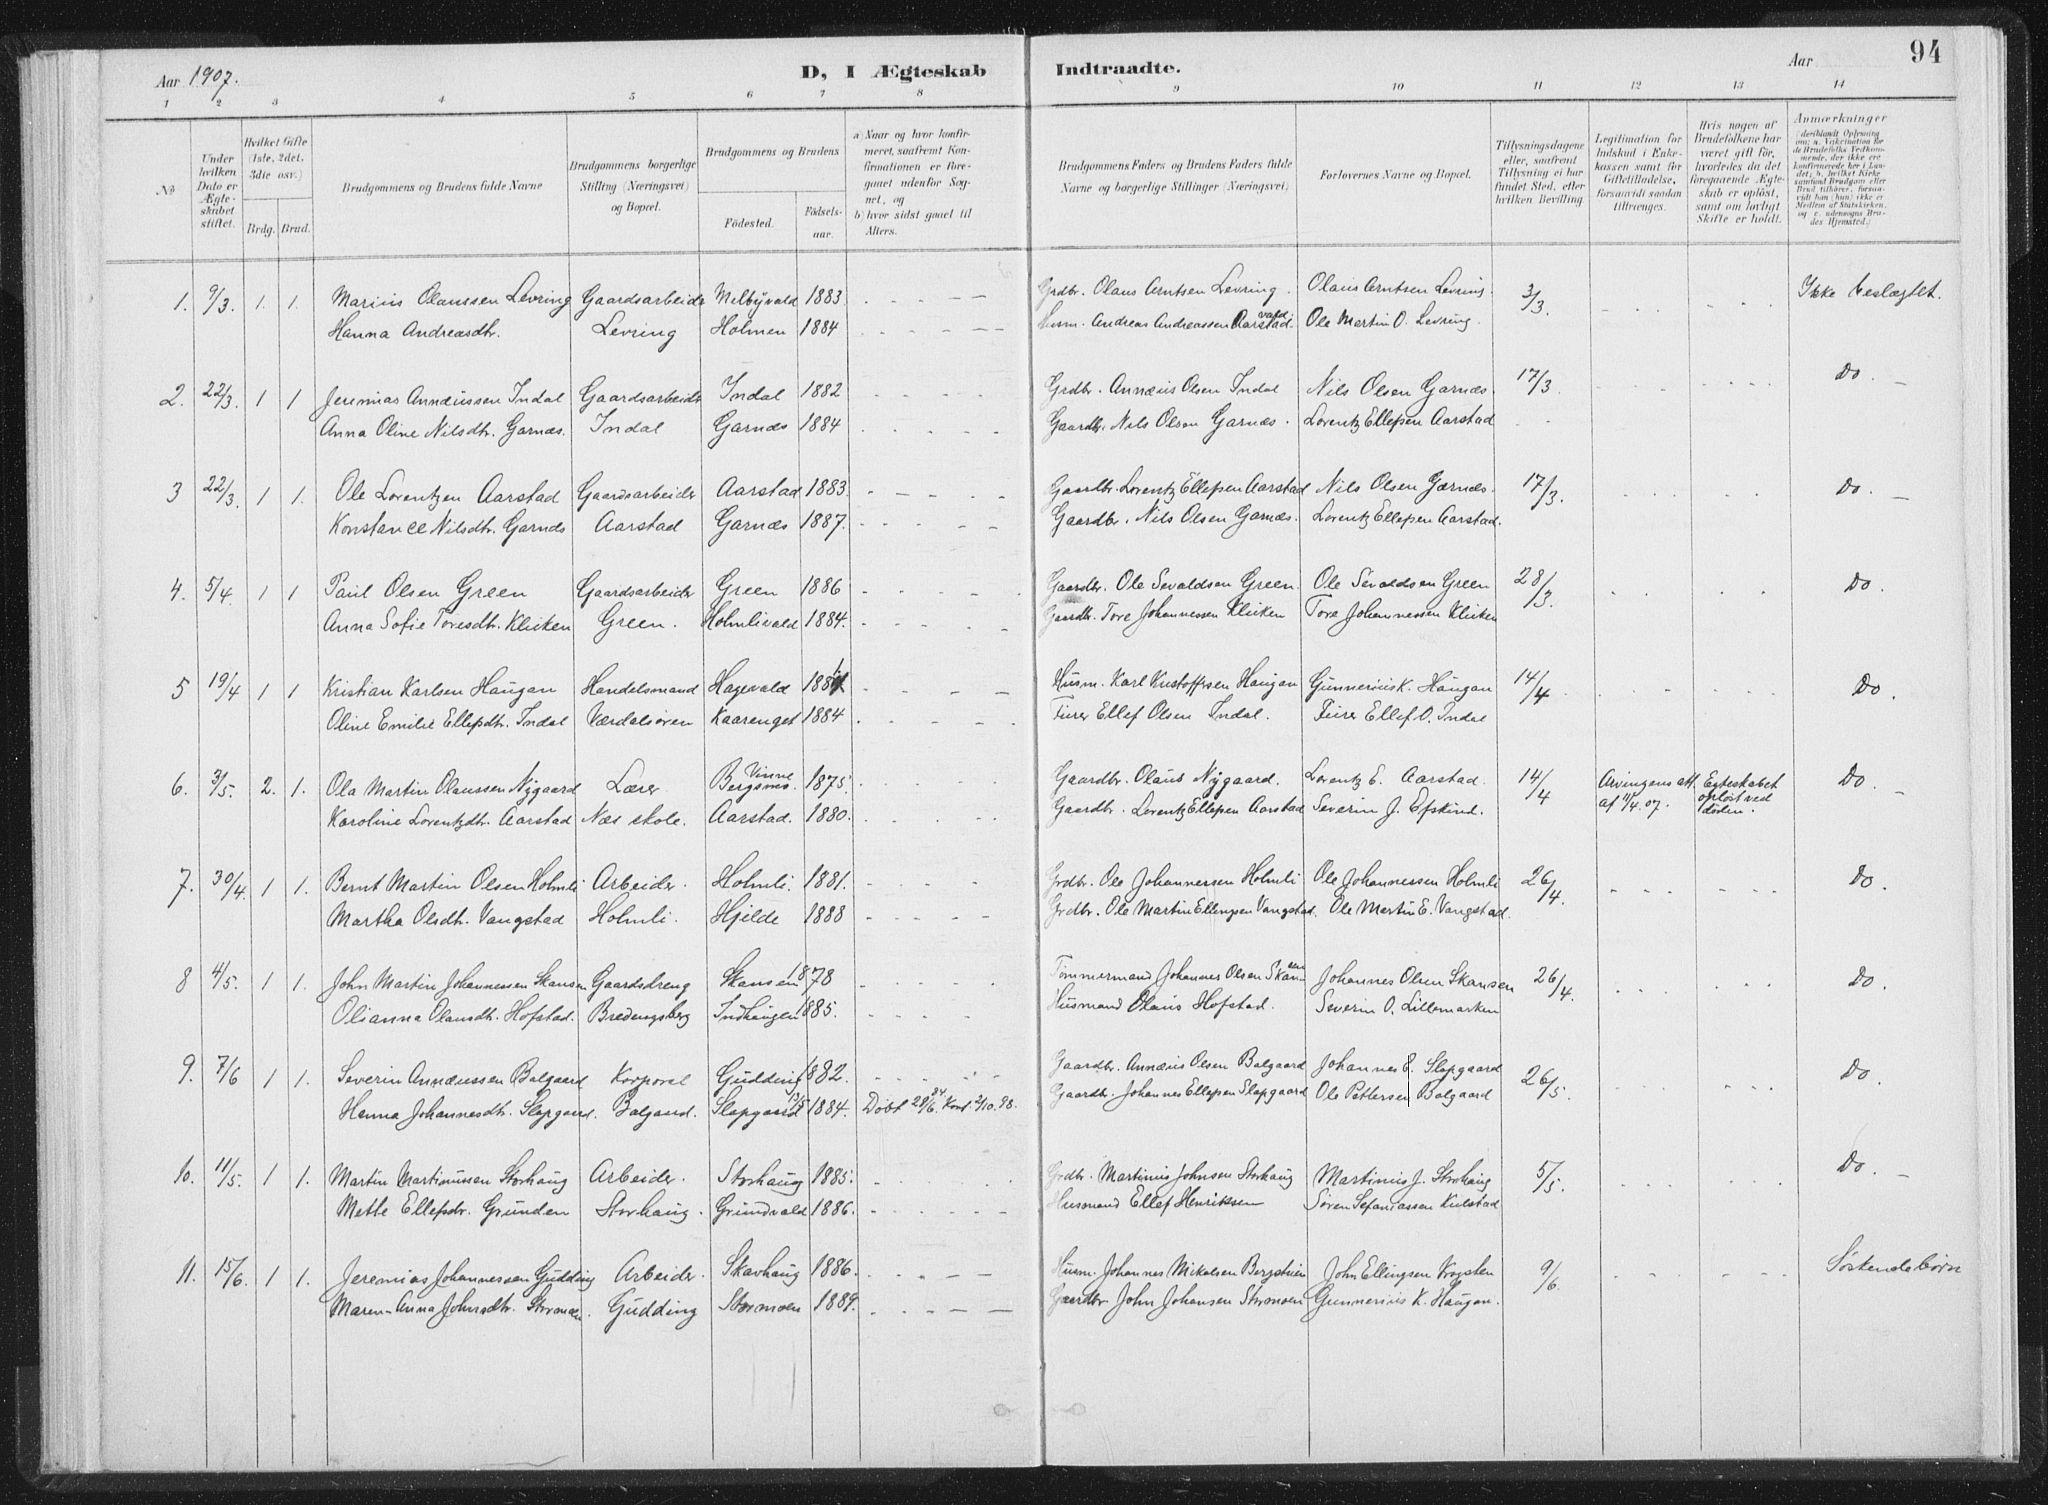 SAT, Ministerialprotokoller, klokkerbøker og fødselsregistre - Nord-Trøndelag, 724/L0263: Ministerialbok nr. 724A01, 1891-1907, s. 94